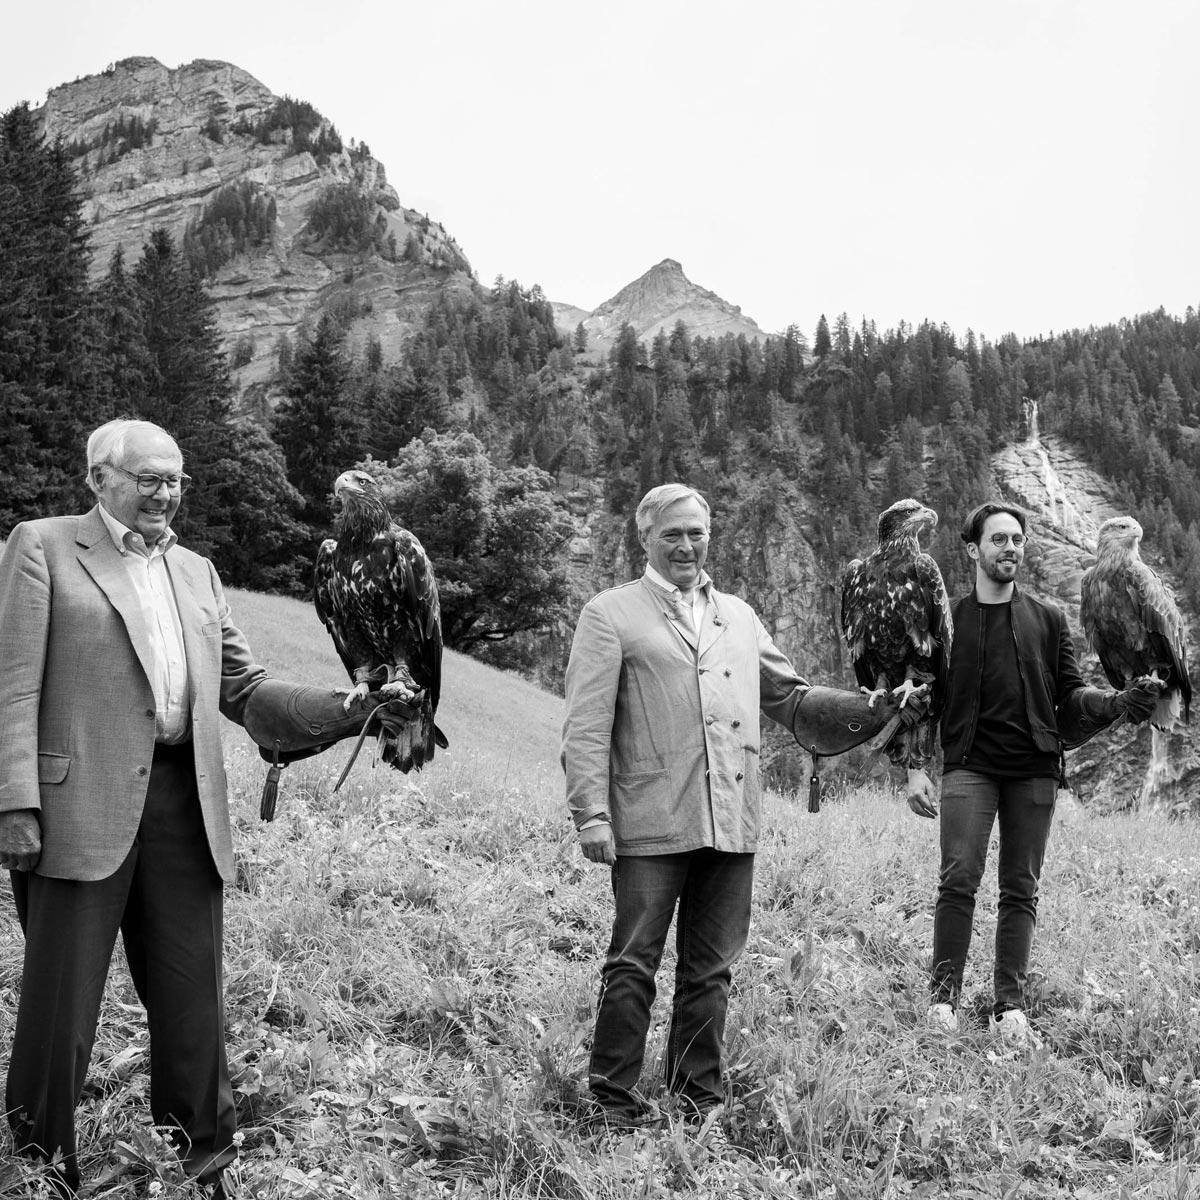 La Cote des Montres : Photo - Chopard Alpine Eagle